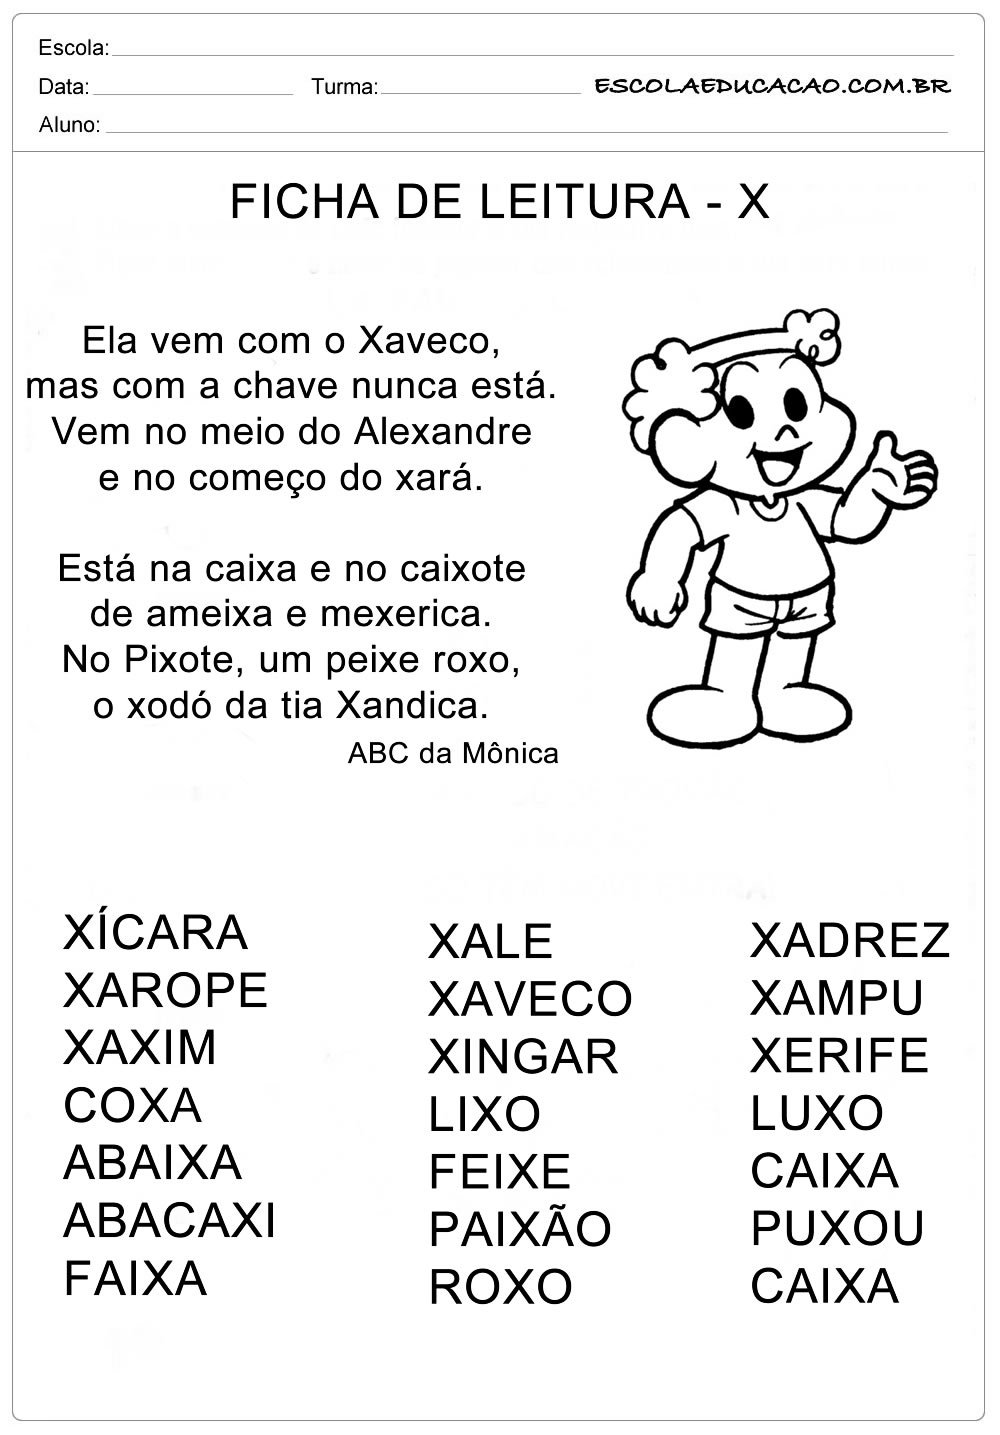 Ficha de Leitura Letra X – Xaveco